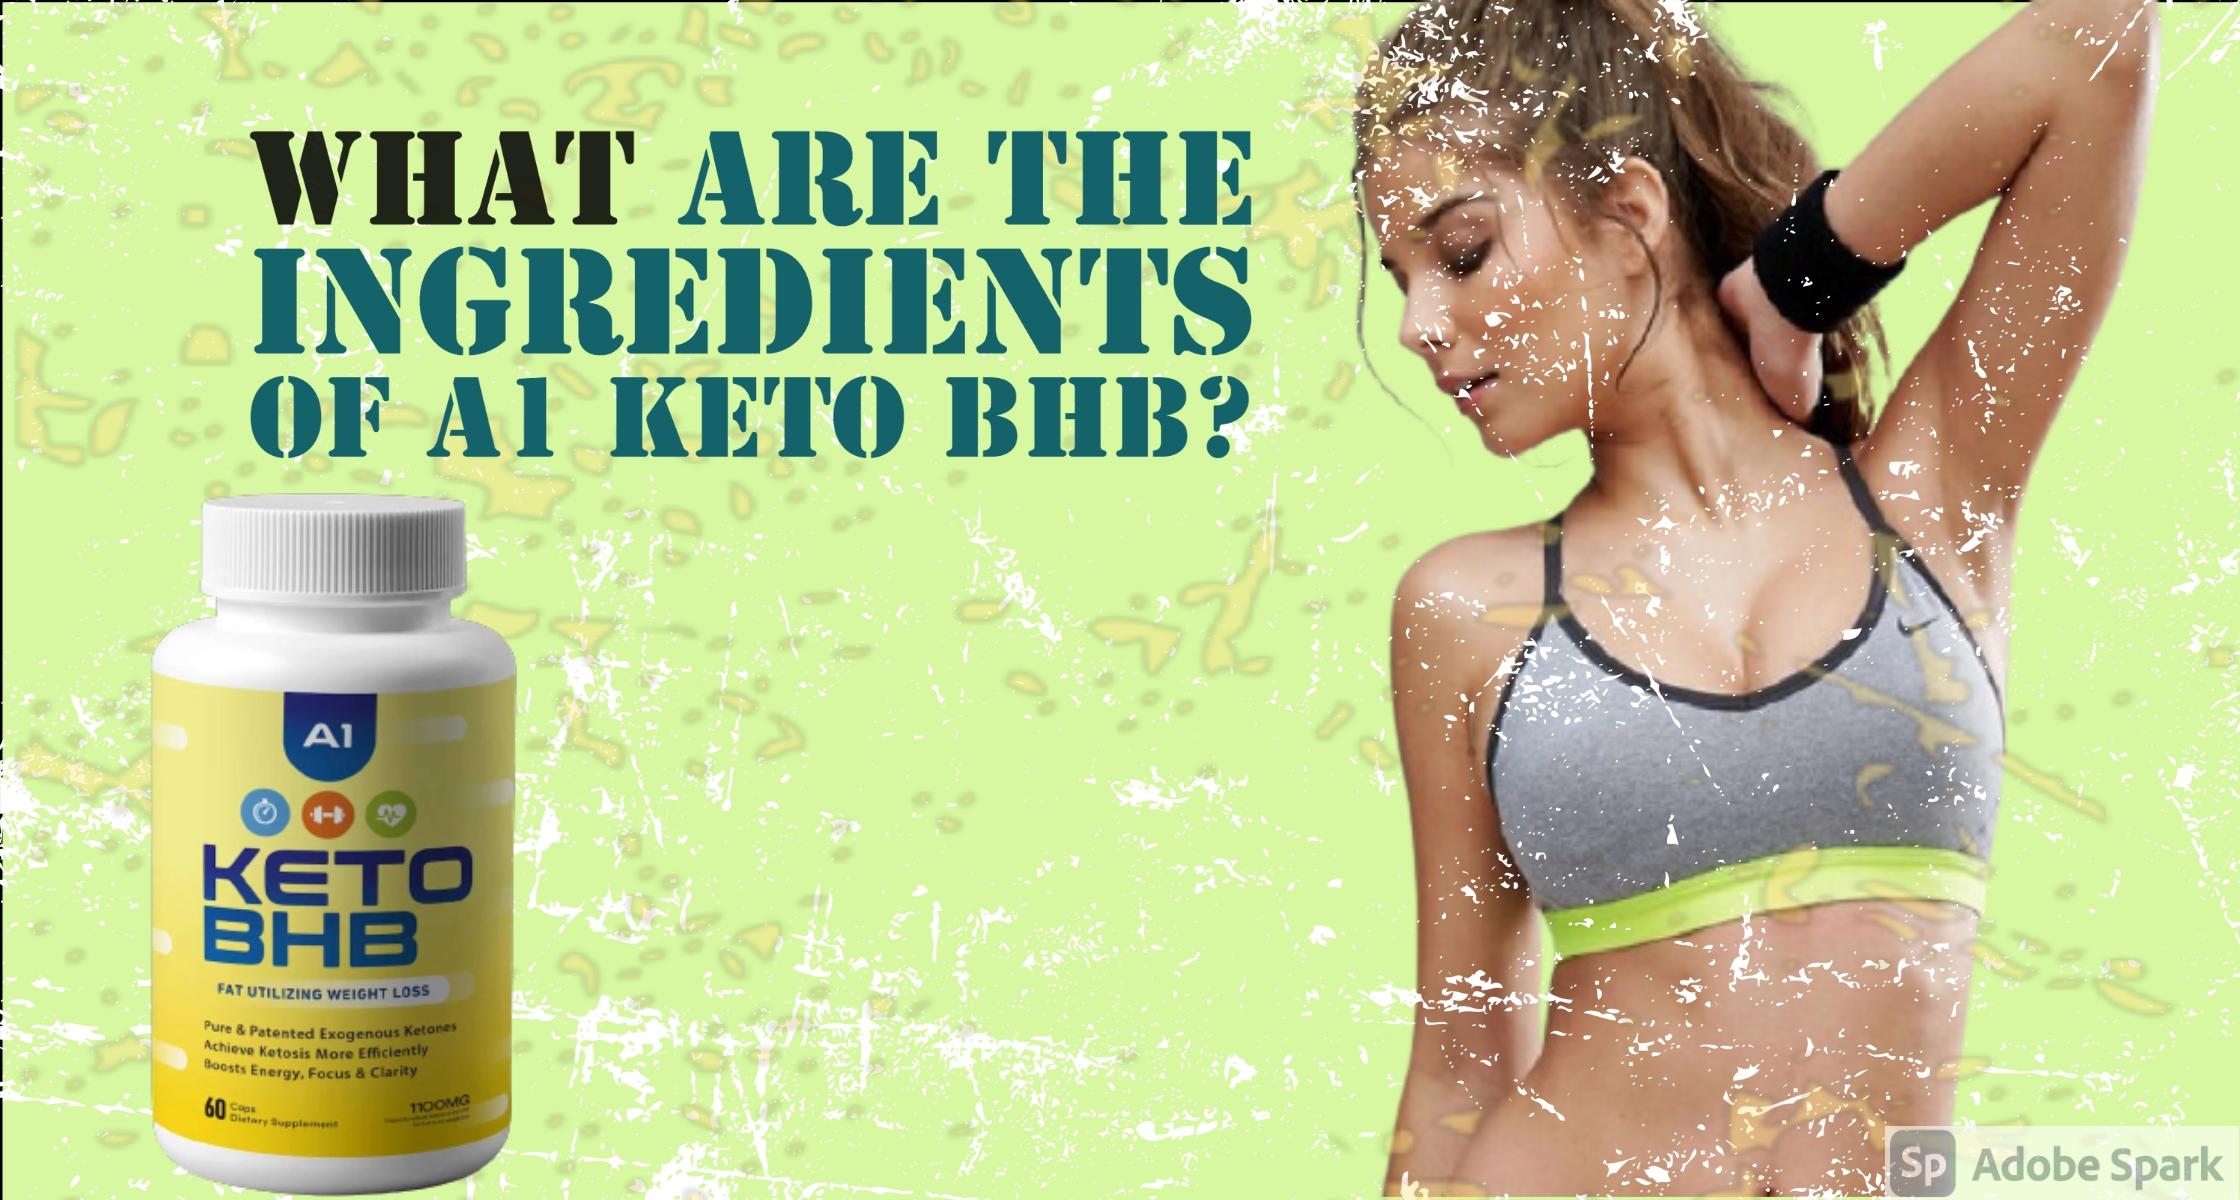 A1 Keto BHB Reviews (@a1ketobhbreviewsus) Cover Image